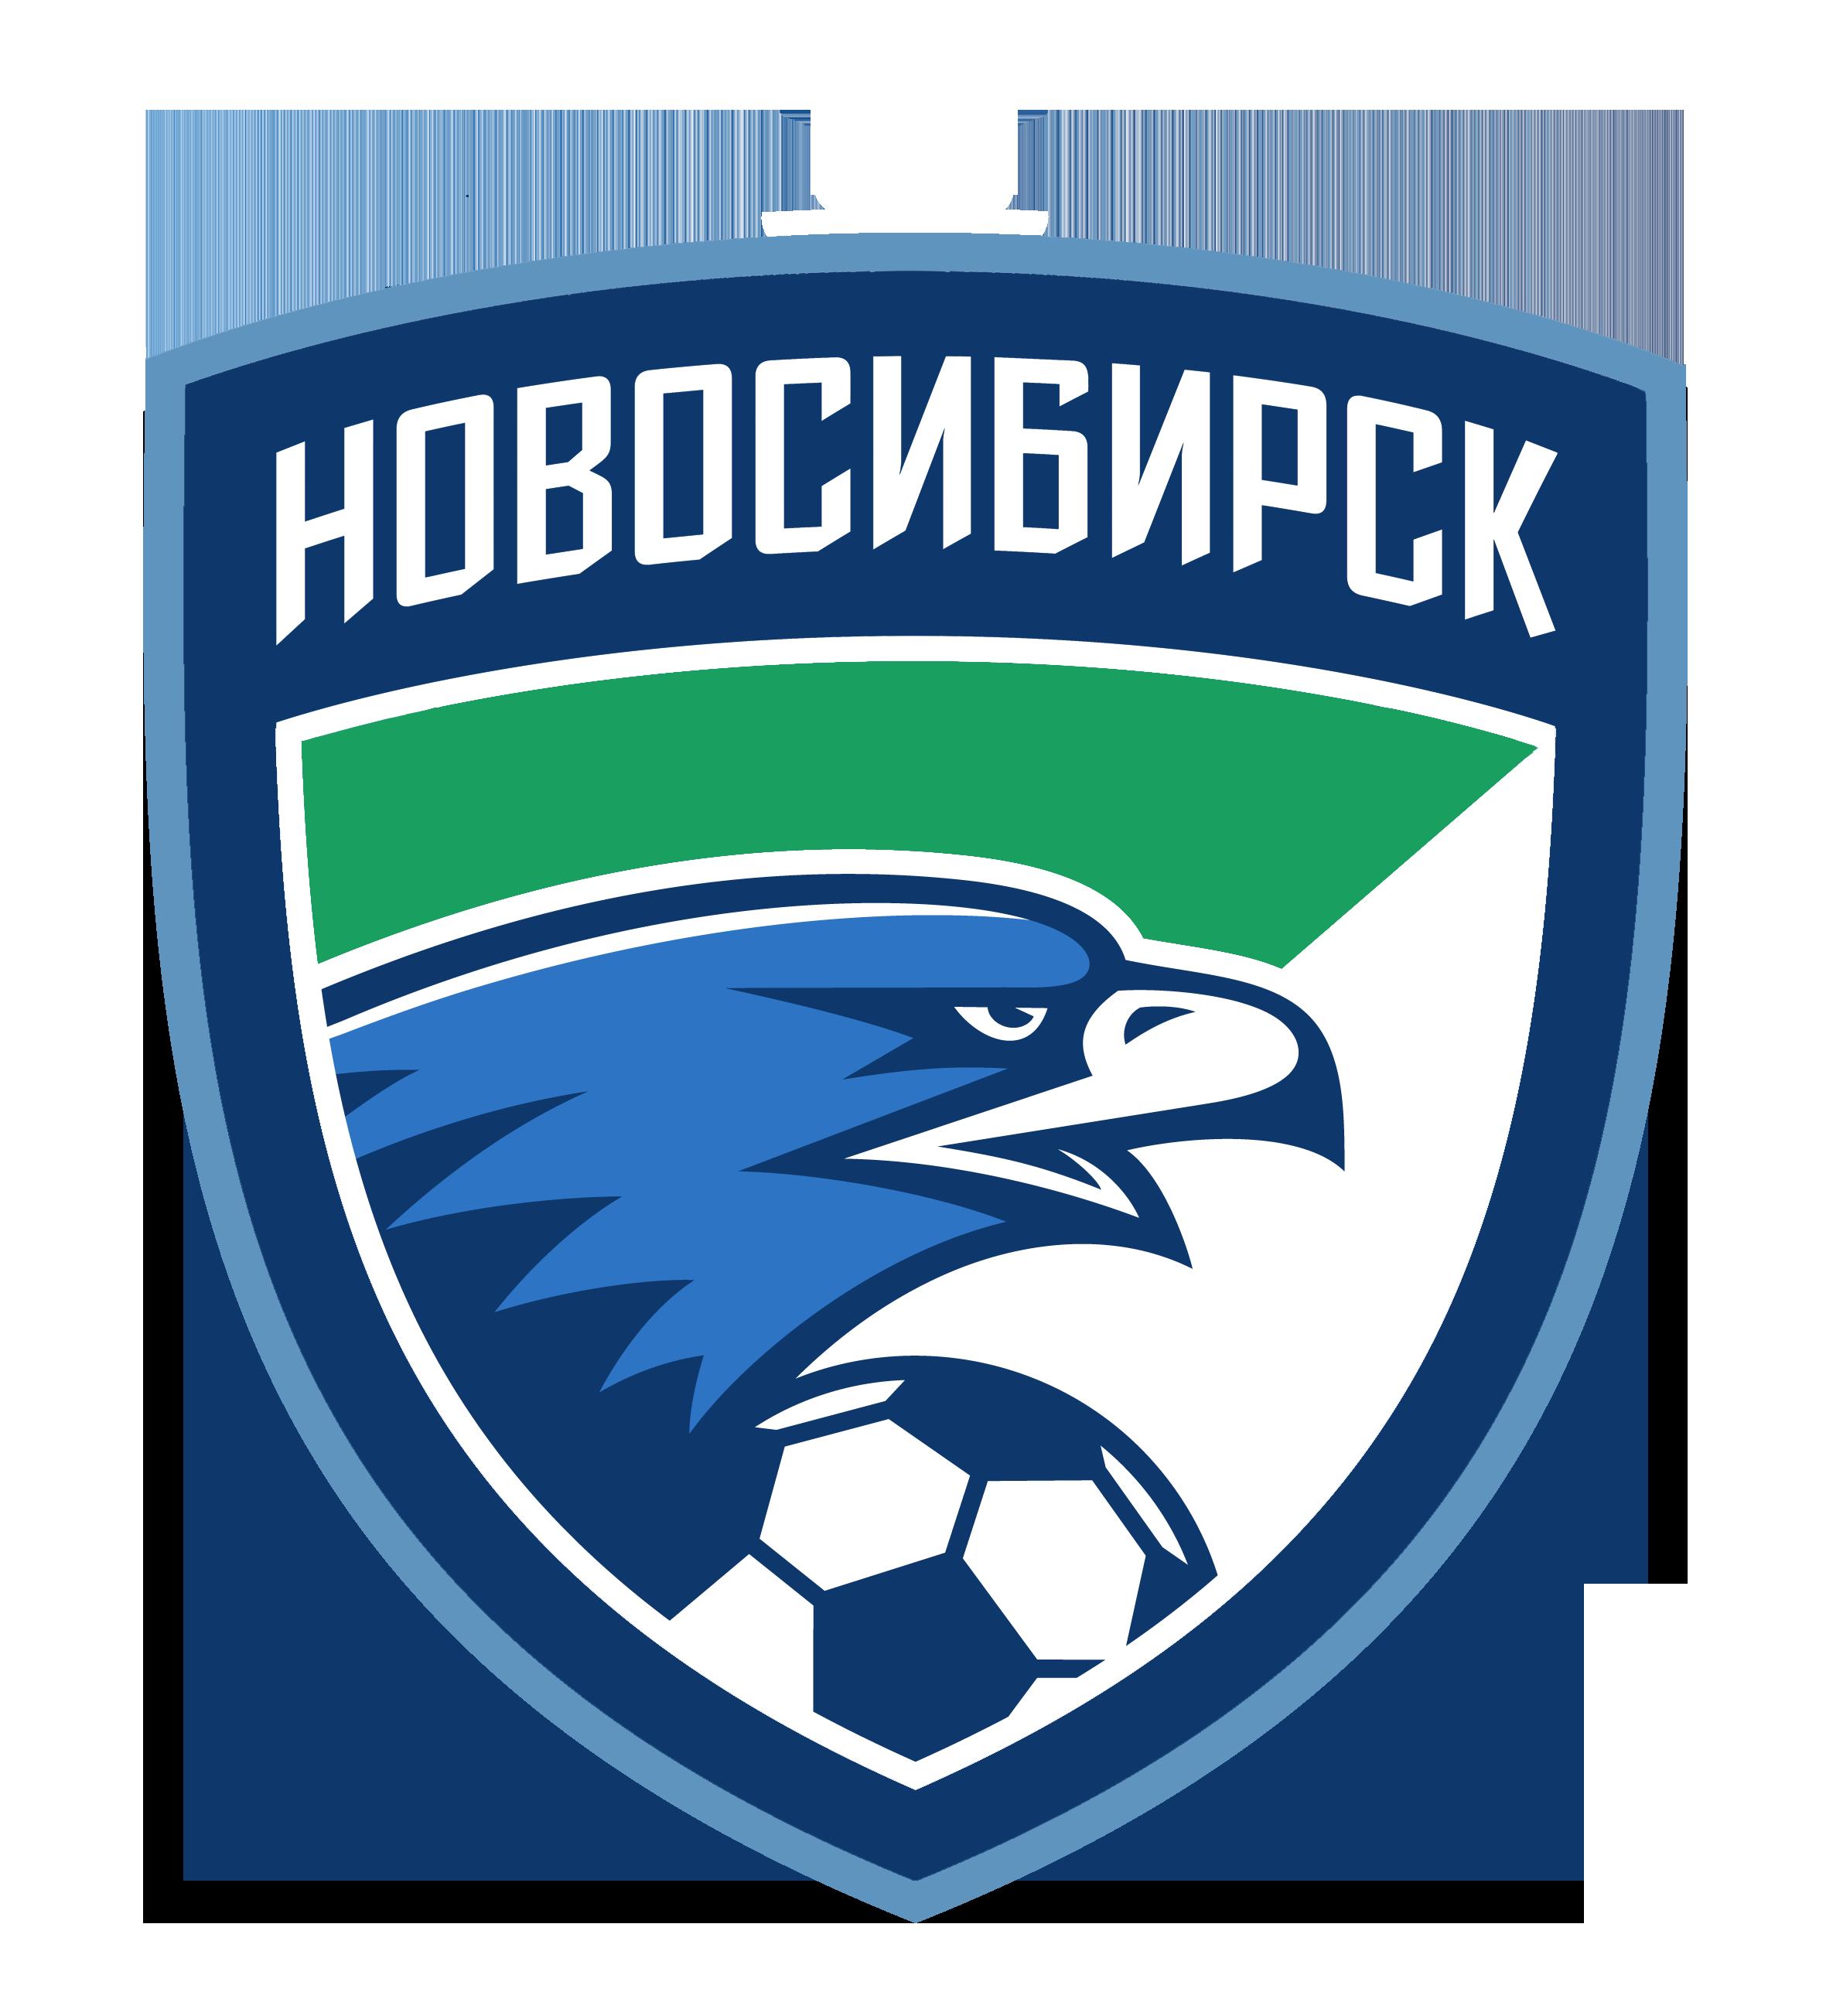 Новосибирск лого PNG